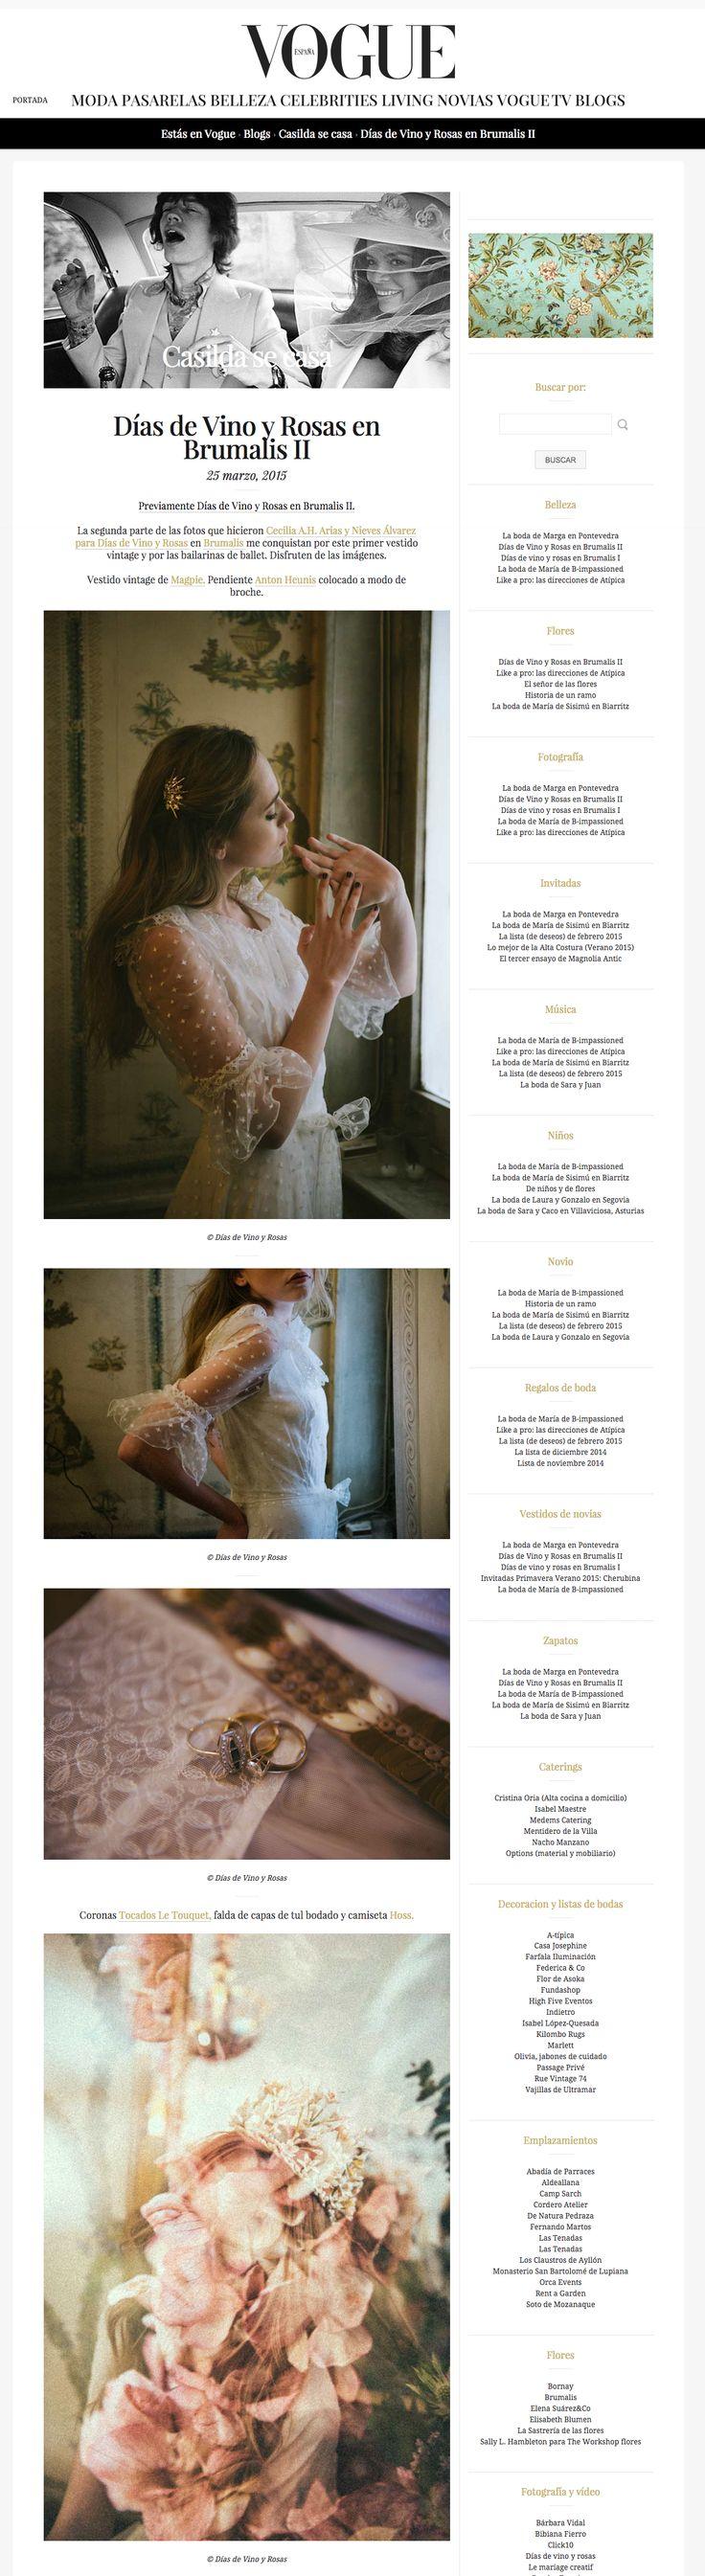 Our last editorial featured in Vogue's CASILDA SE CASA || Part II || http://casildasecasa.vogue.es/2015/03/25/dias-de-vino-y-rosas-en-brumalis-ii/